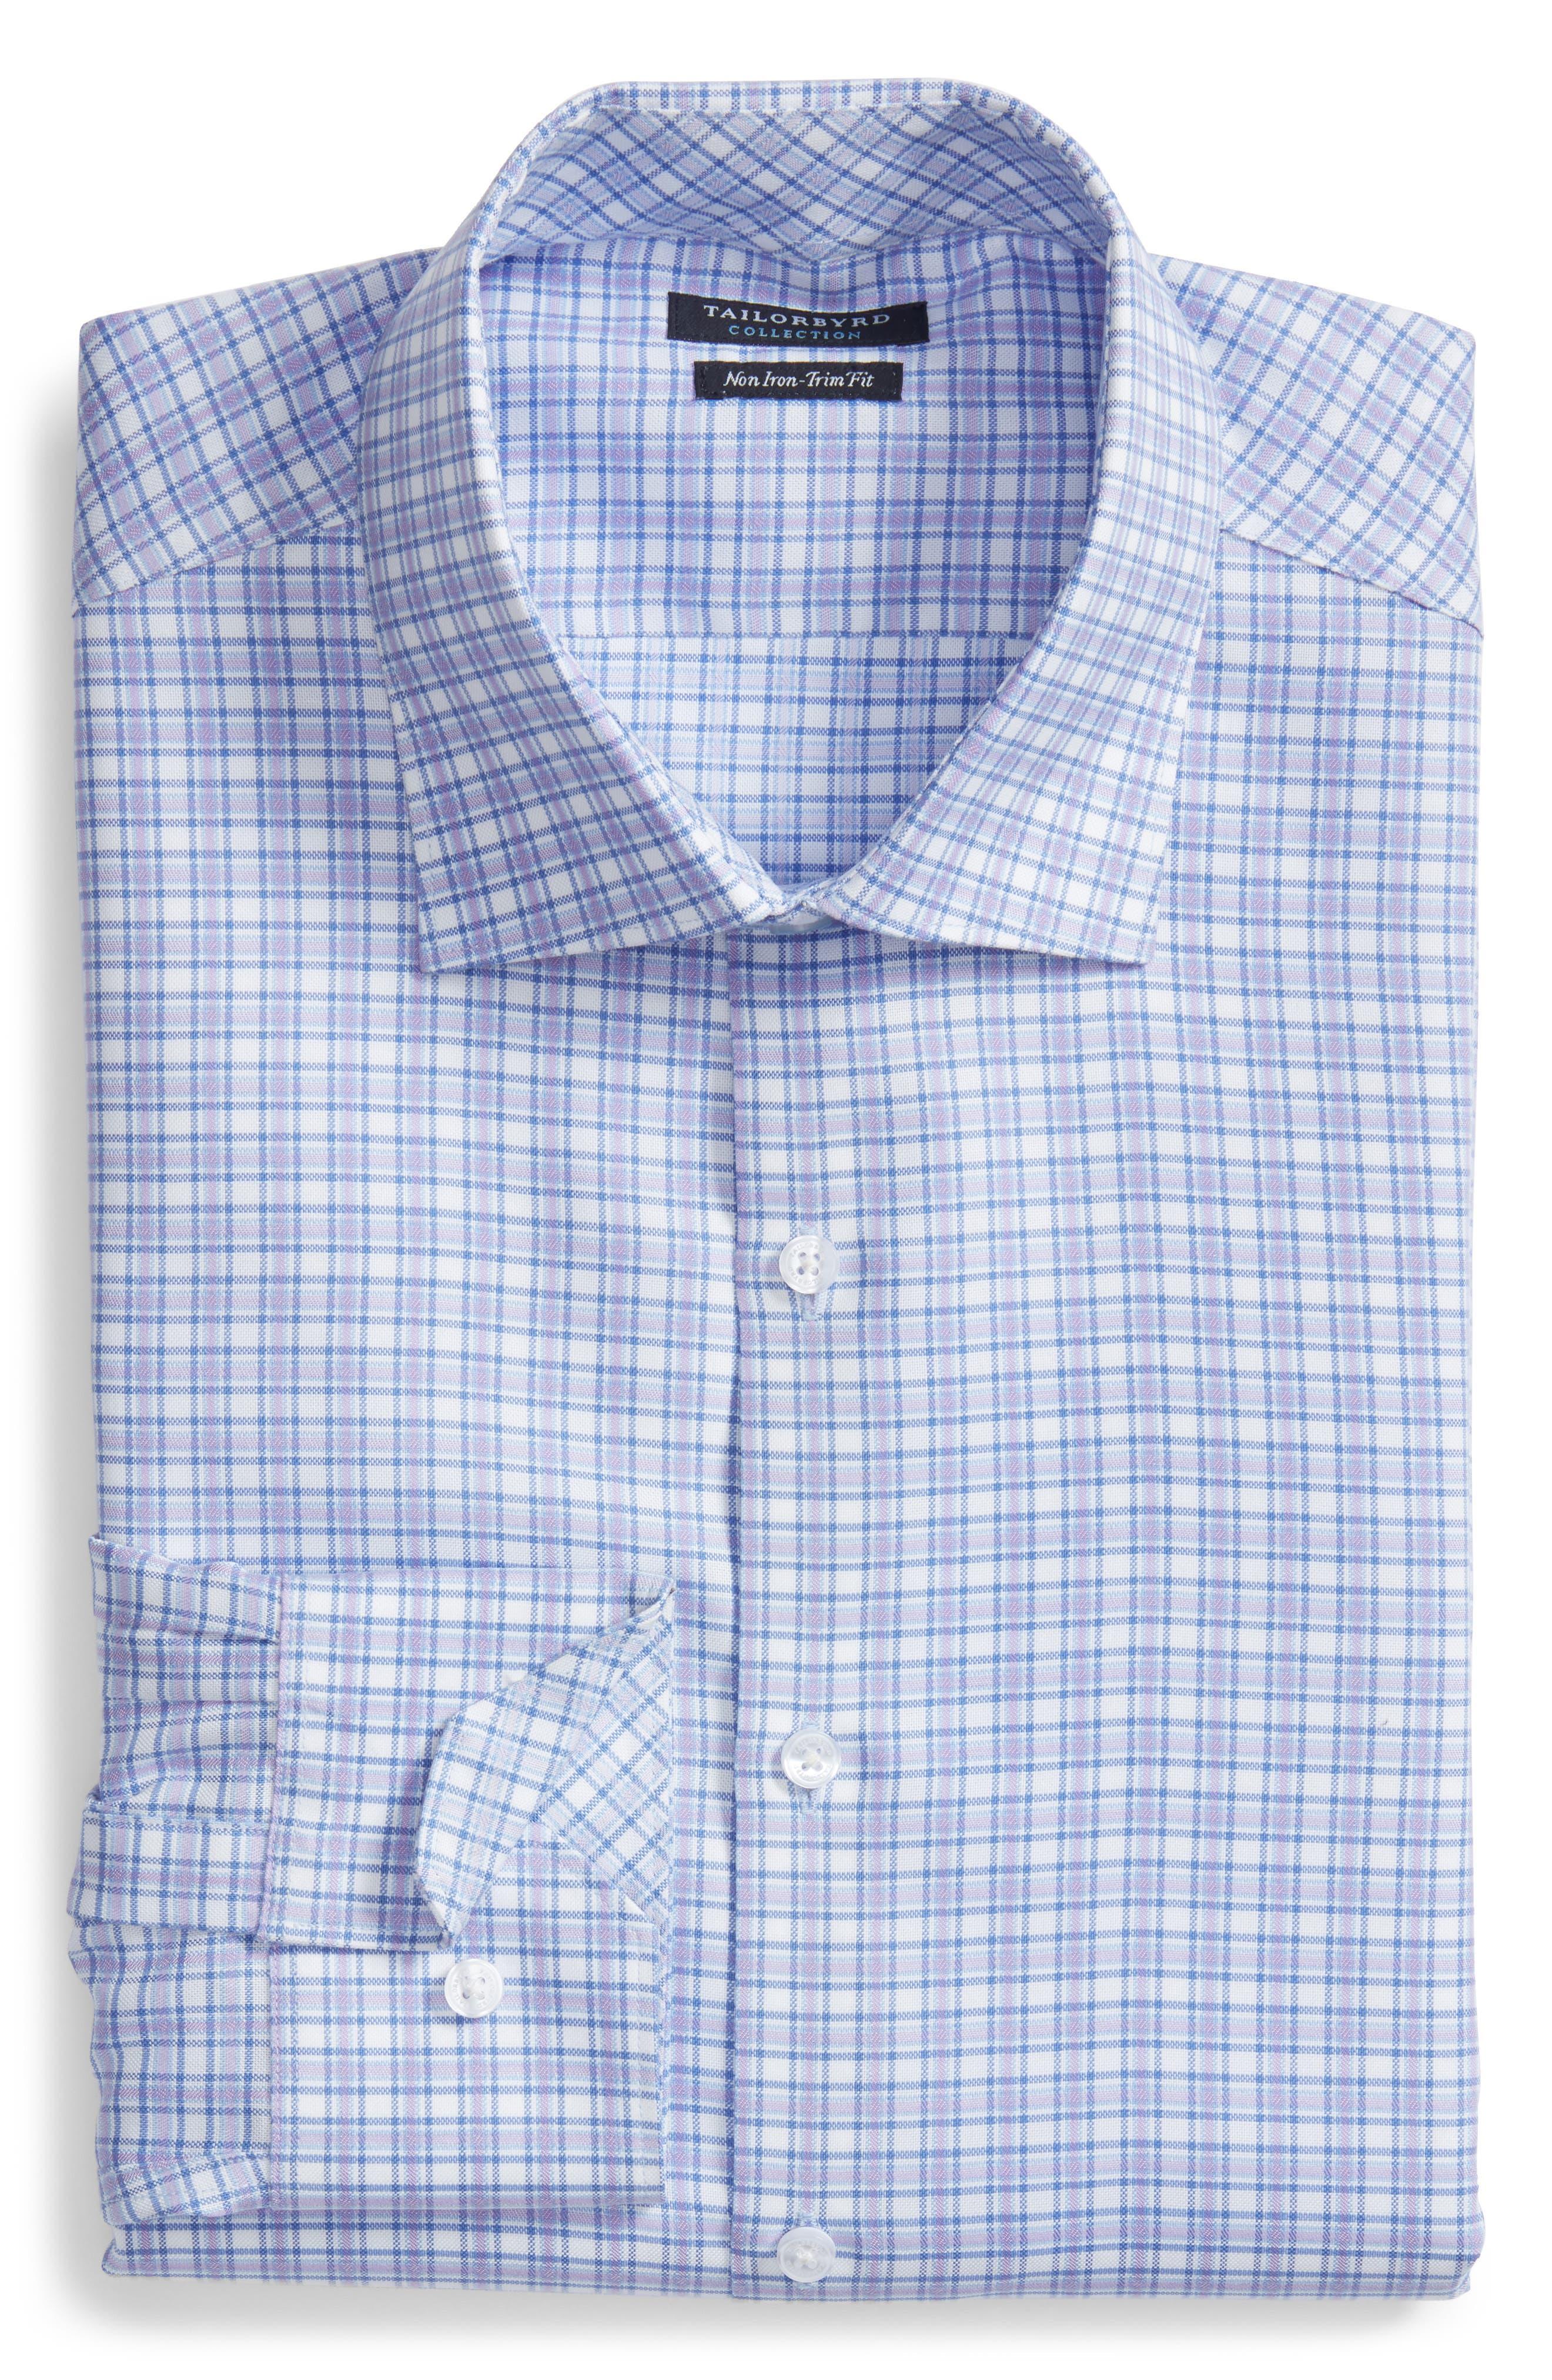 Neil Trim Fit Check Dress Shirt,                             Alternate thumbnail 6, color,                             Lavender